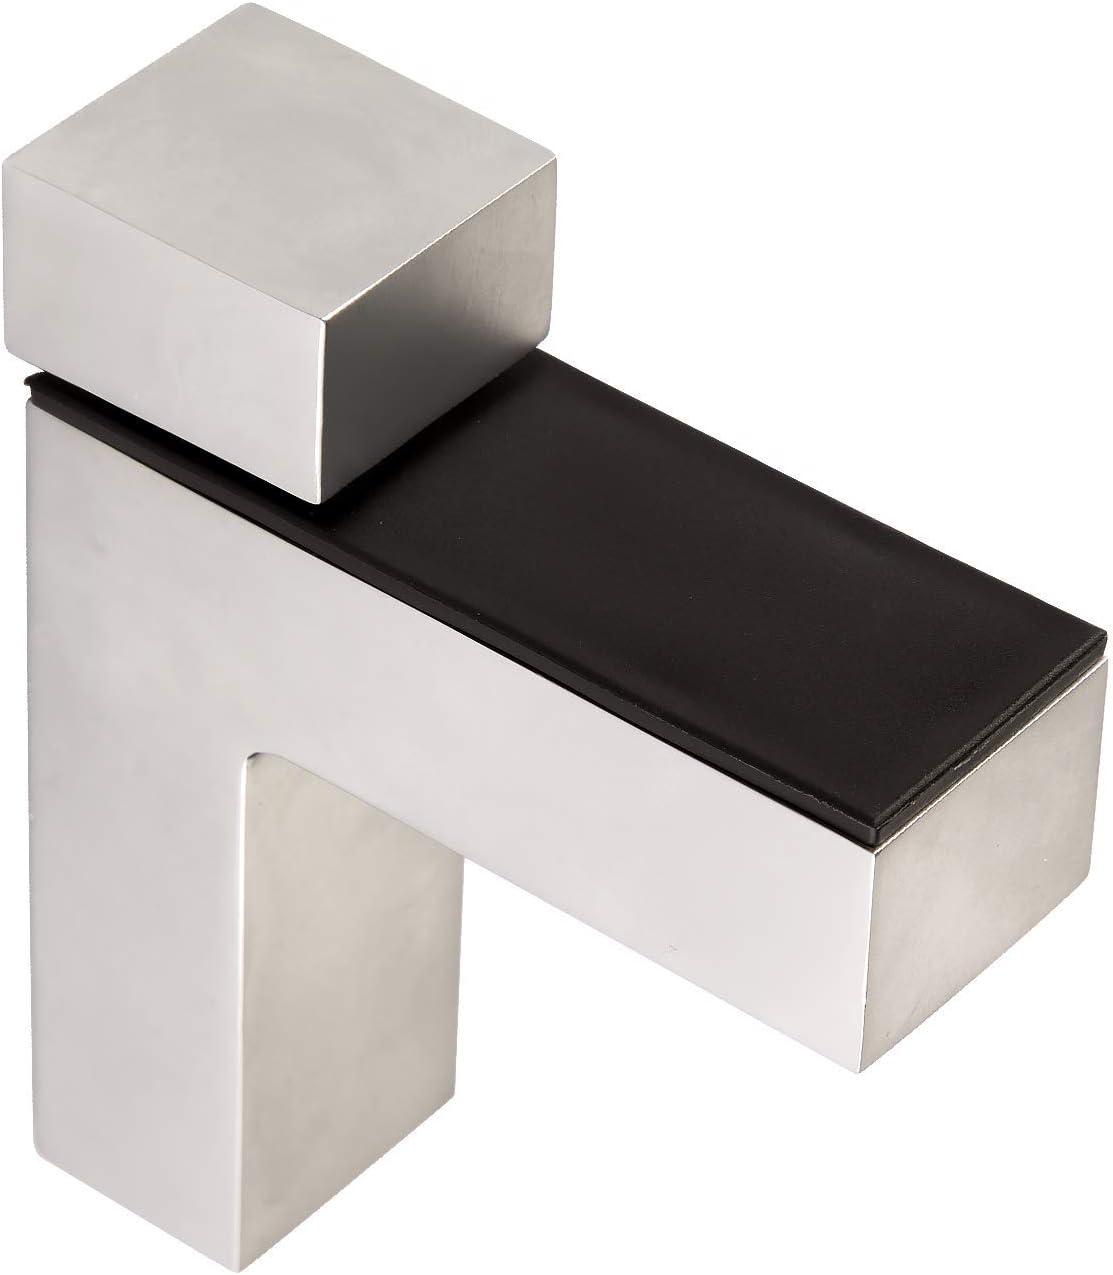 4 piezas x SO-TECH® Soporte para Estantería HULK Acabado Acero Inox para Estantería de Cristal o Madera Espesor max. 45 mm